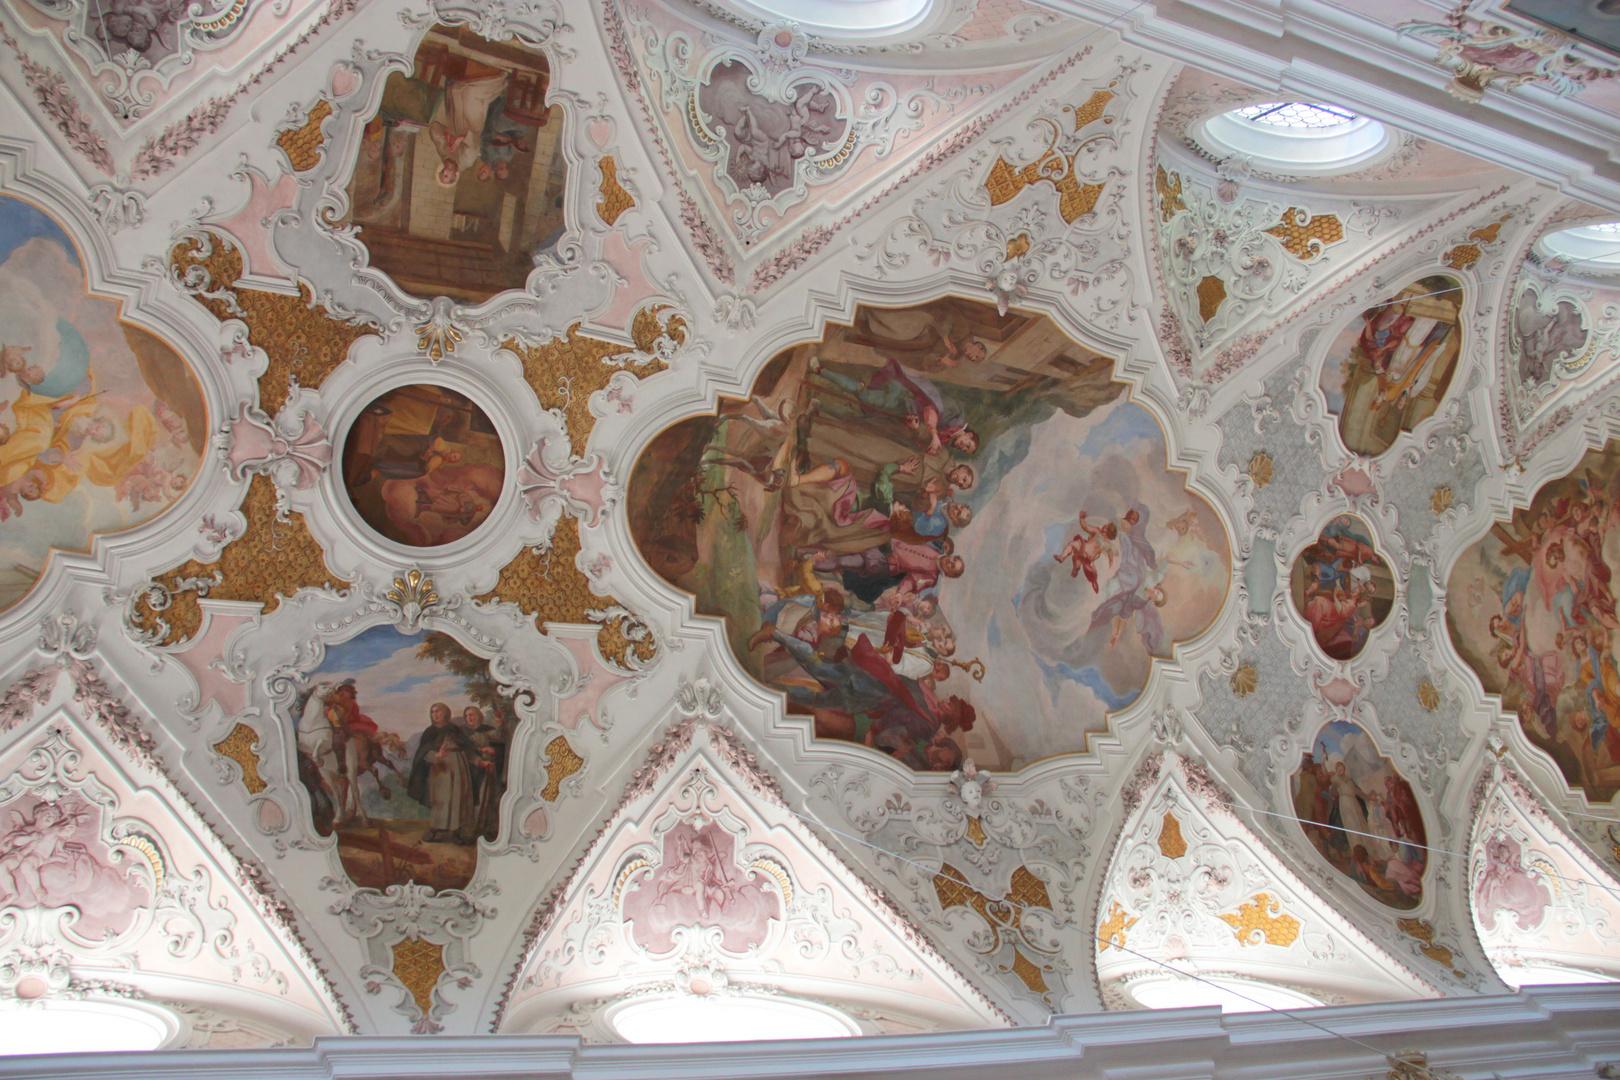 Deckengemälde in der Klosterkirche Fischbachau